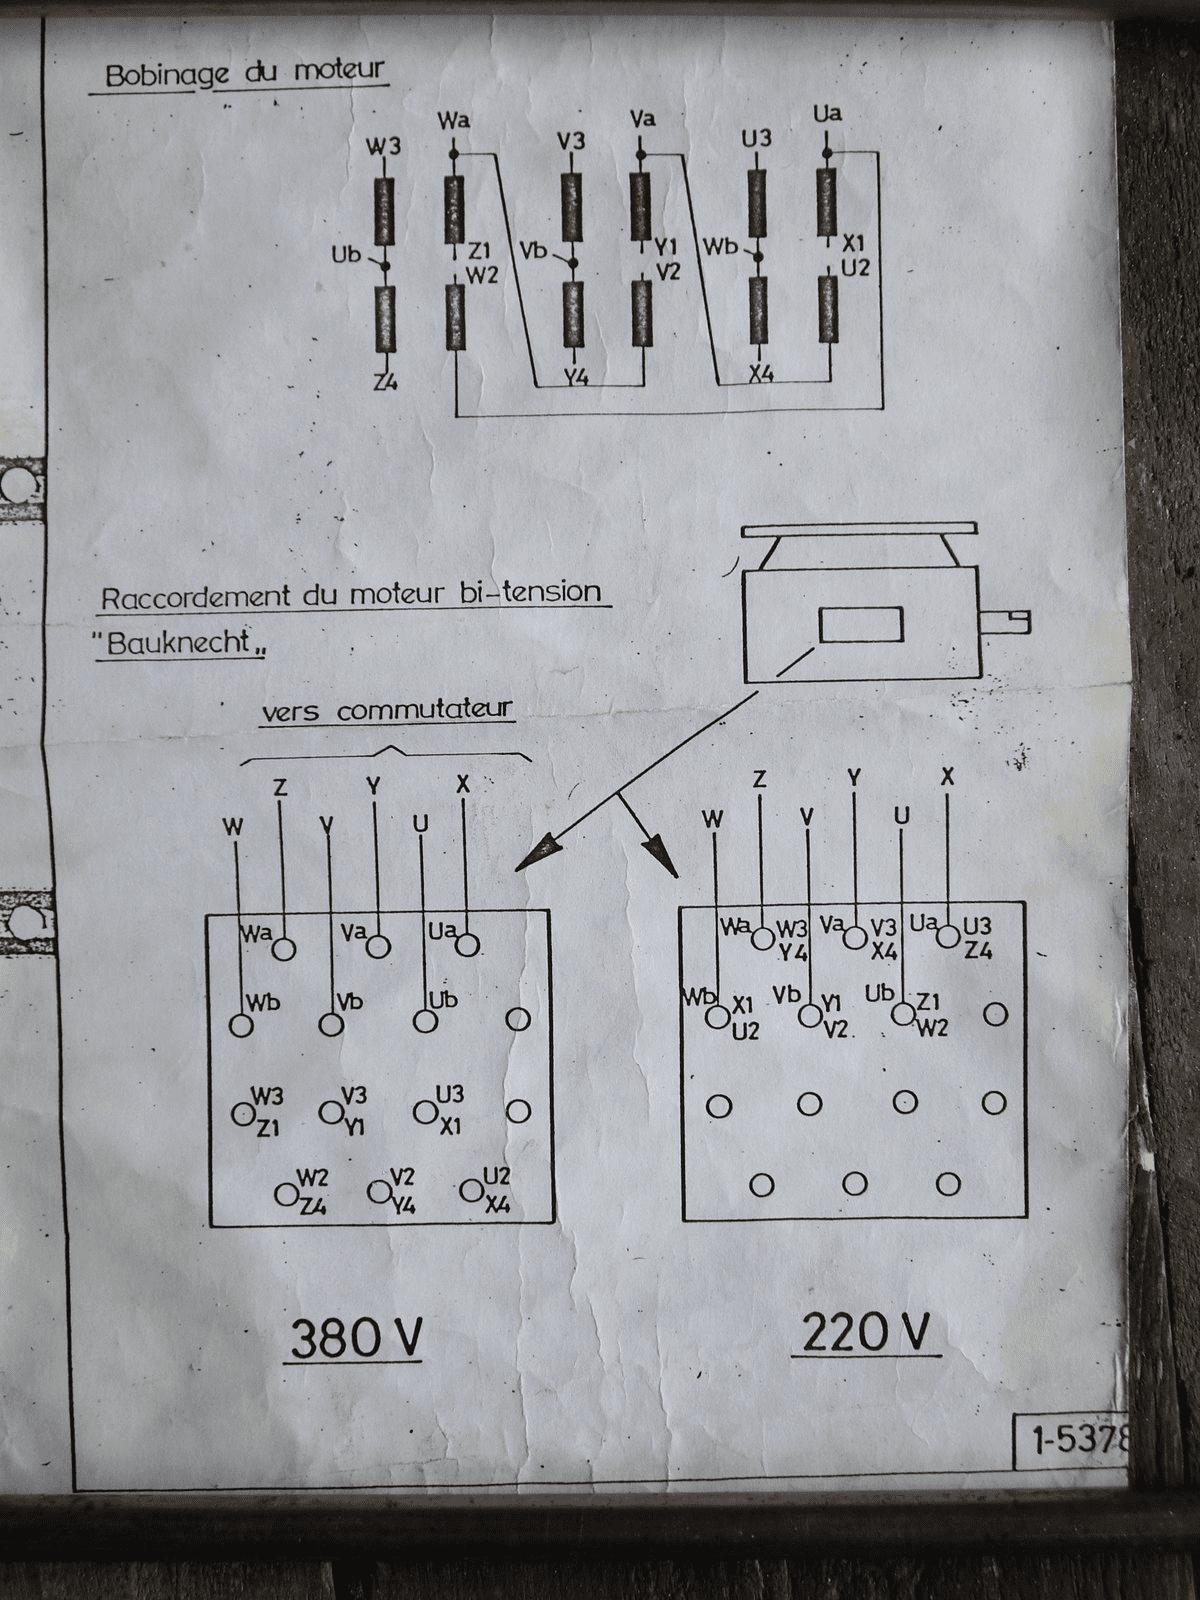 moteur bi-vitesse.png